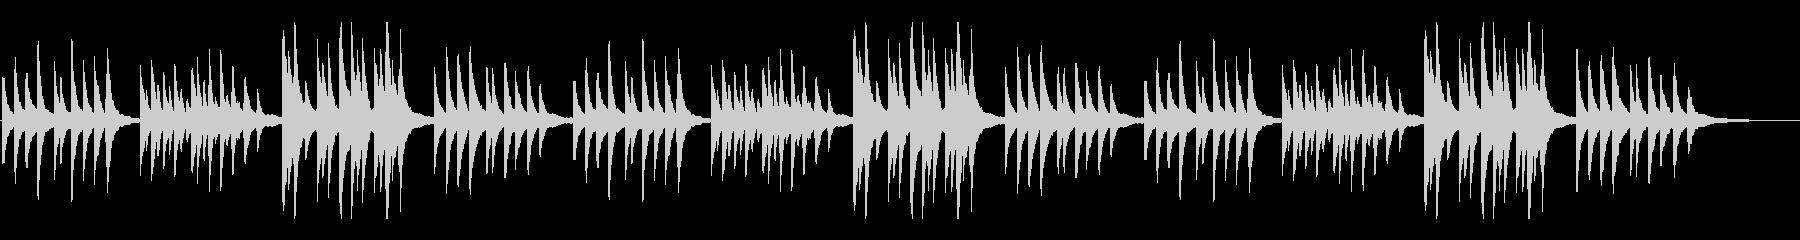 故郷(ふるさと)シンプルなピアノアレンジの未再生の波形